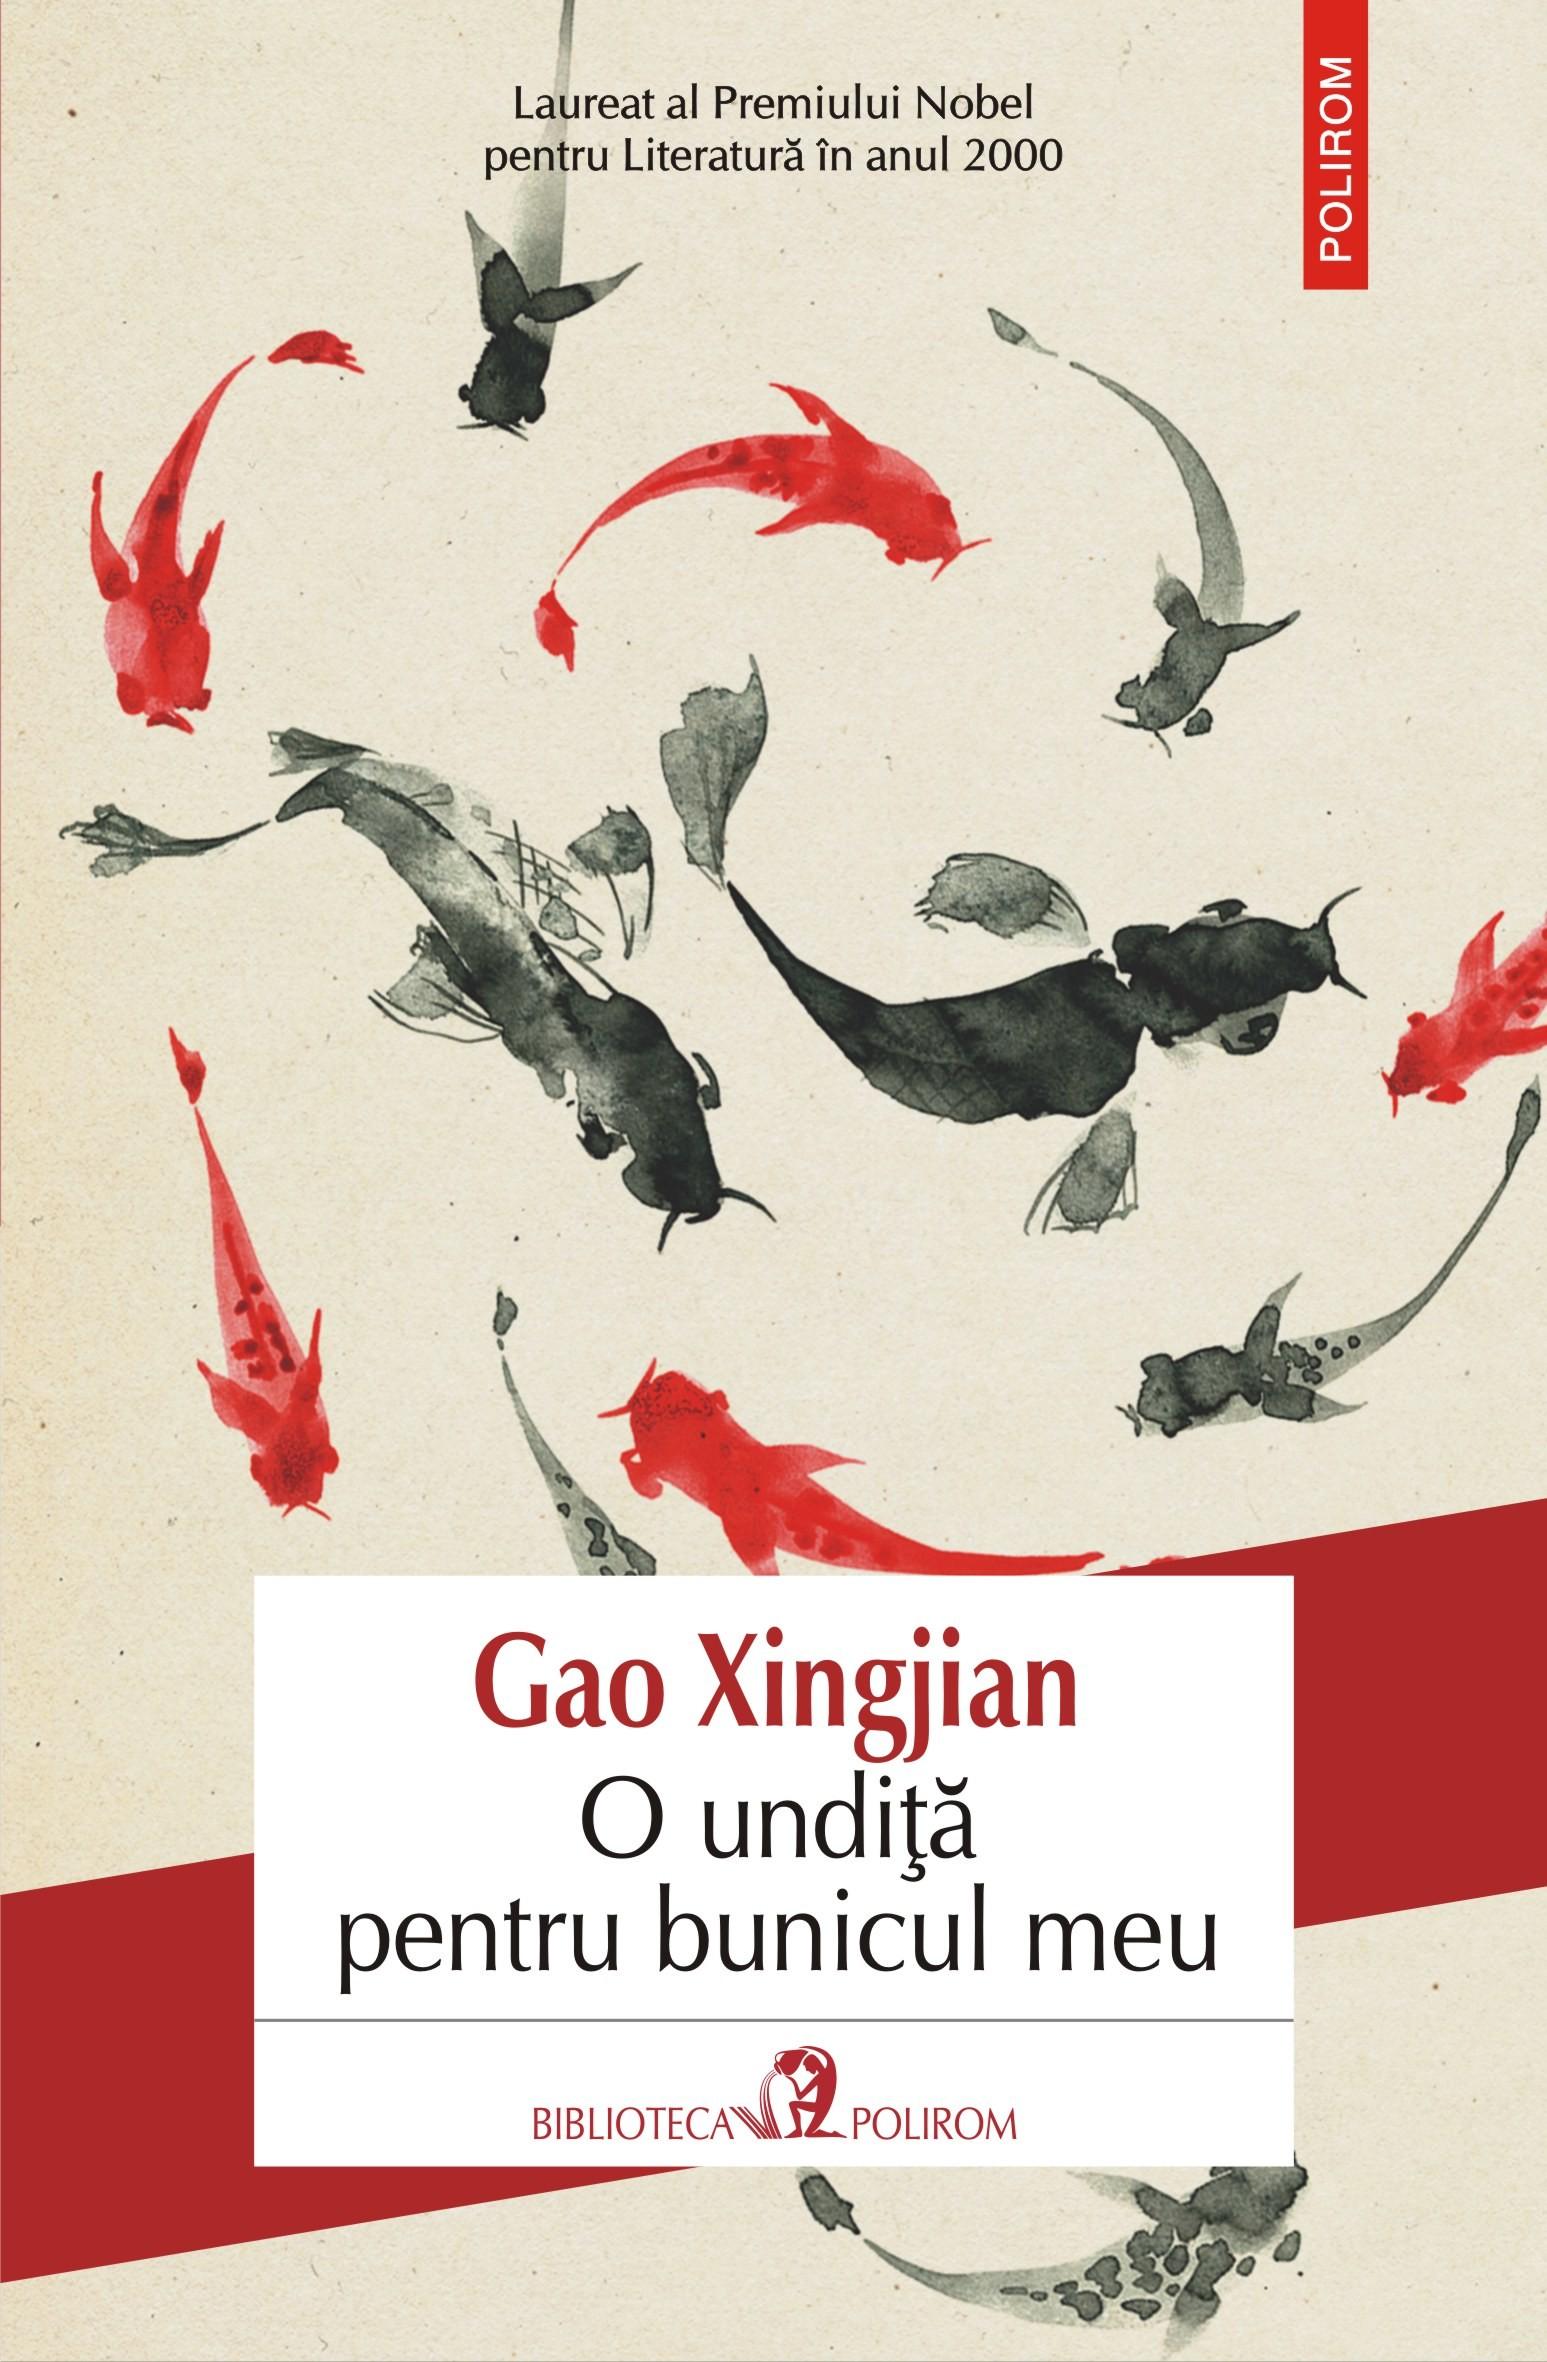 PDF ePUB O undita pentru bunicul meu de Gao Xingjian